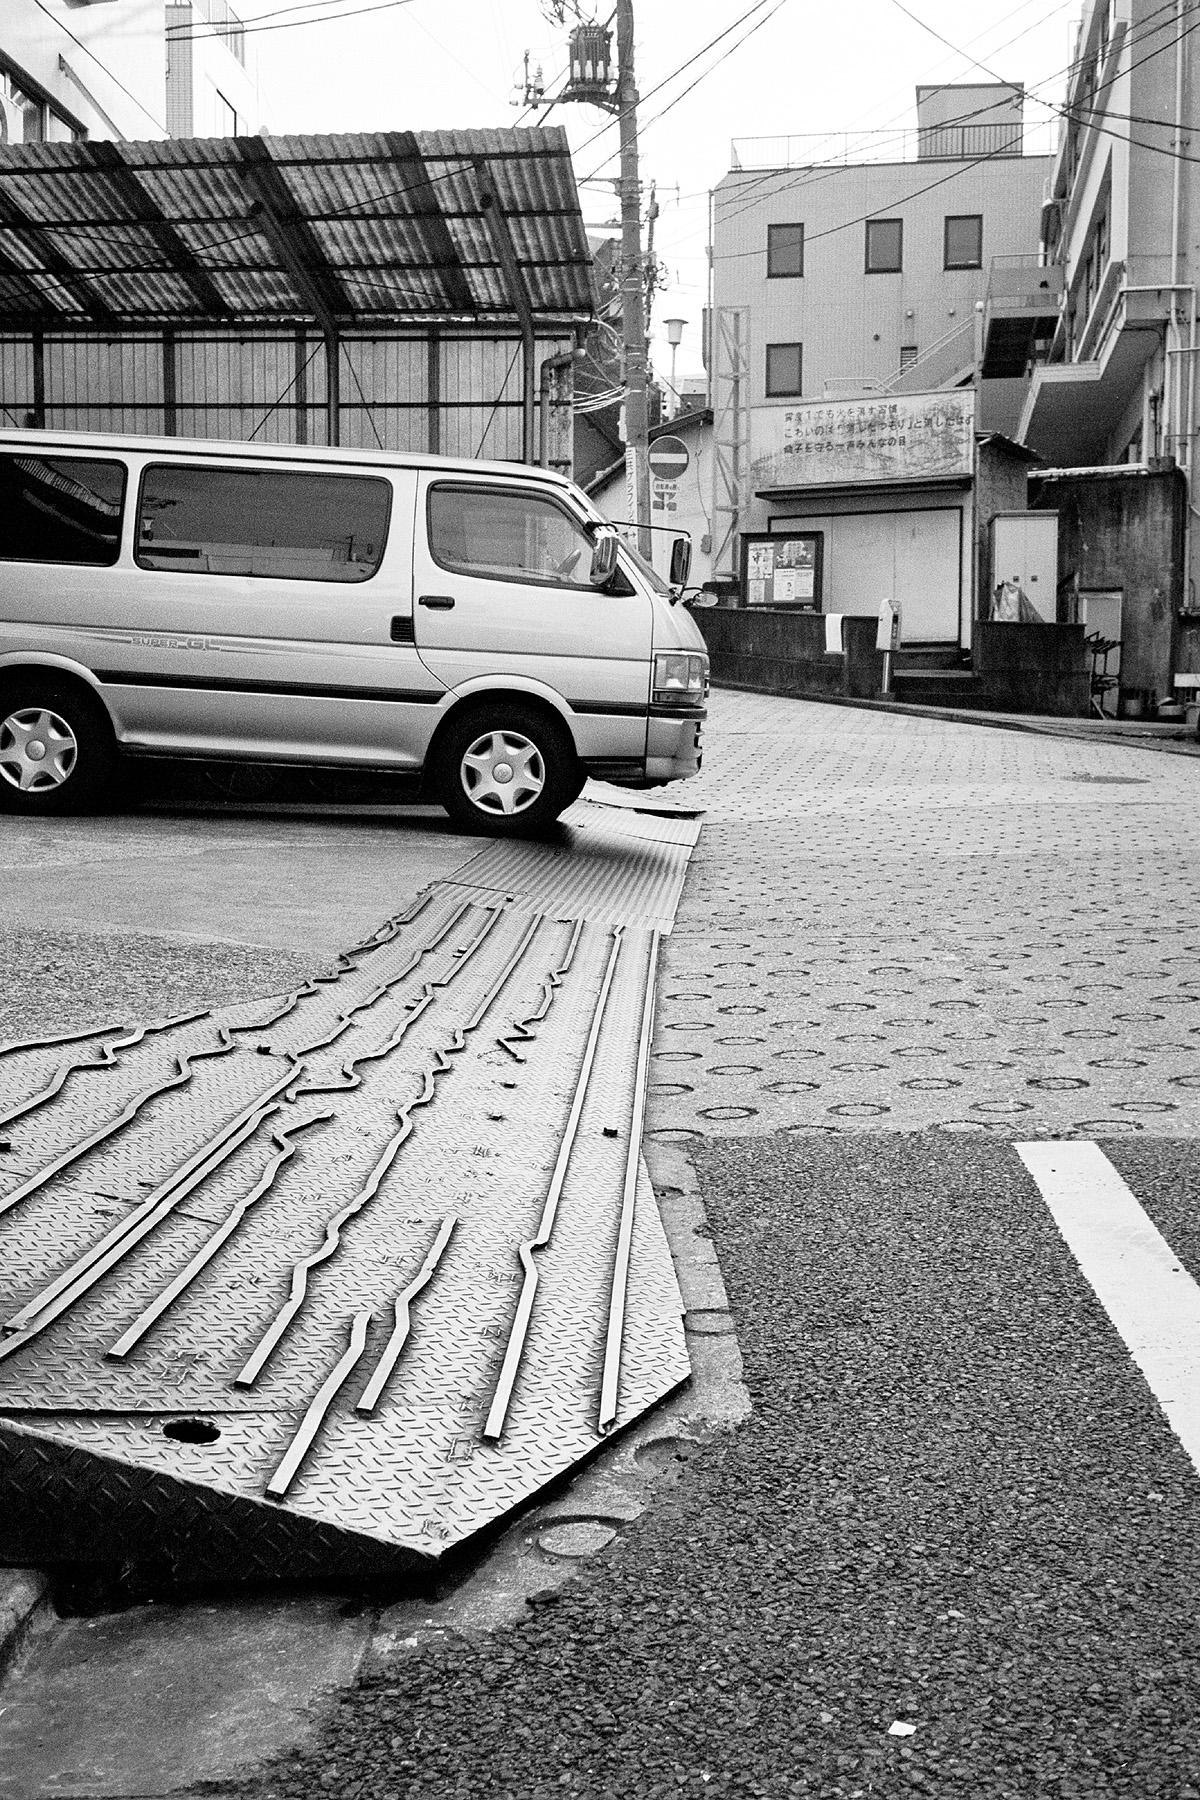 070 赤城坂 新宿区築地町20 20031231(03.54.33)